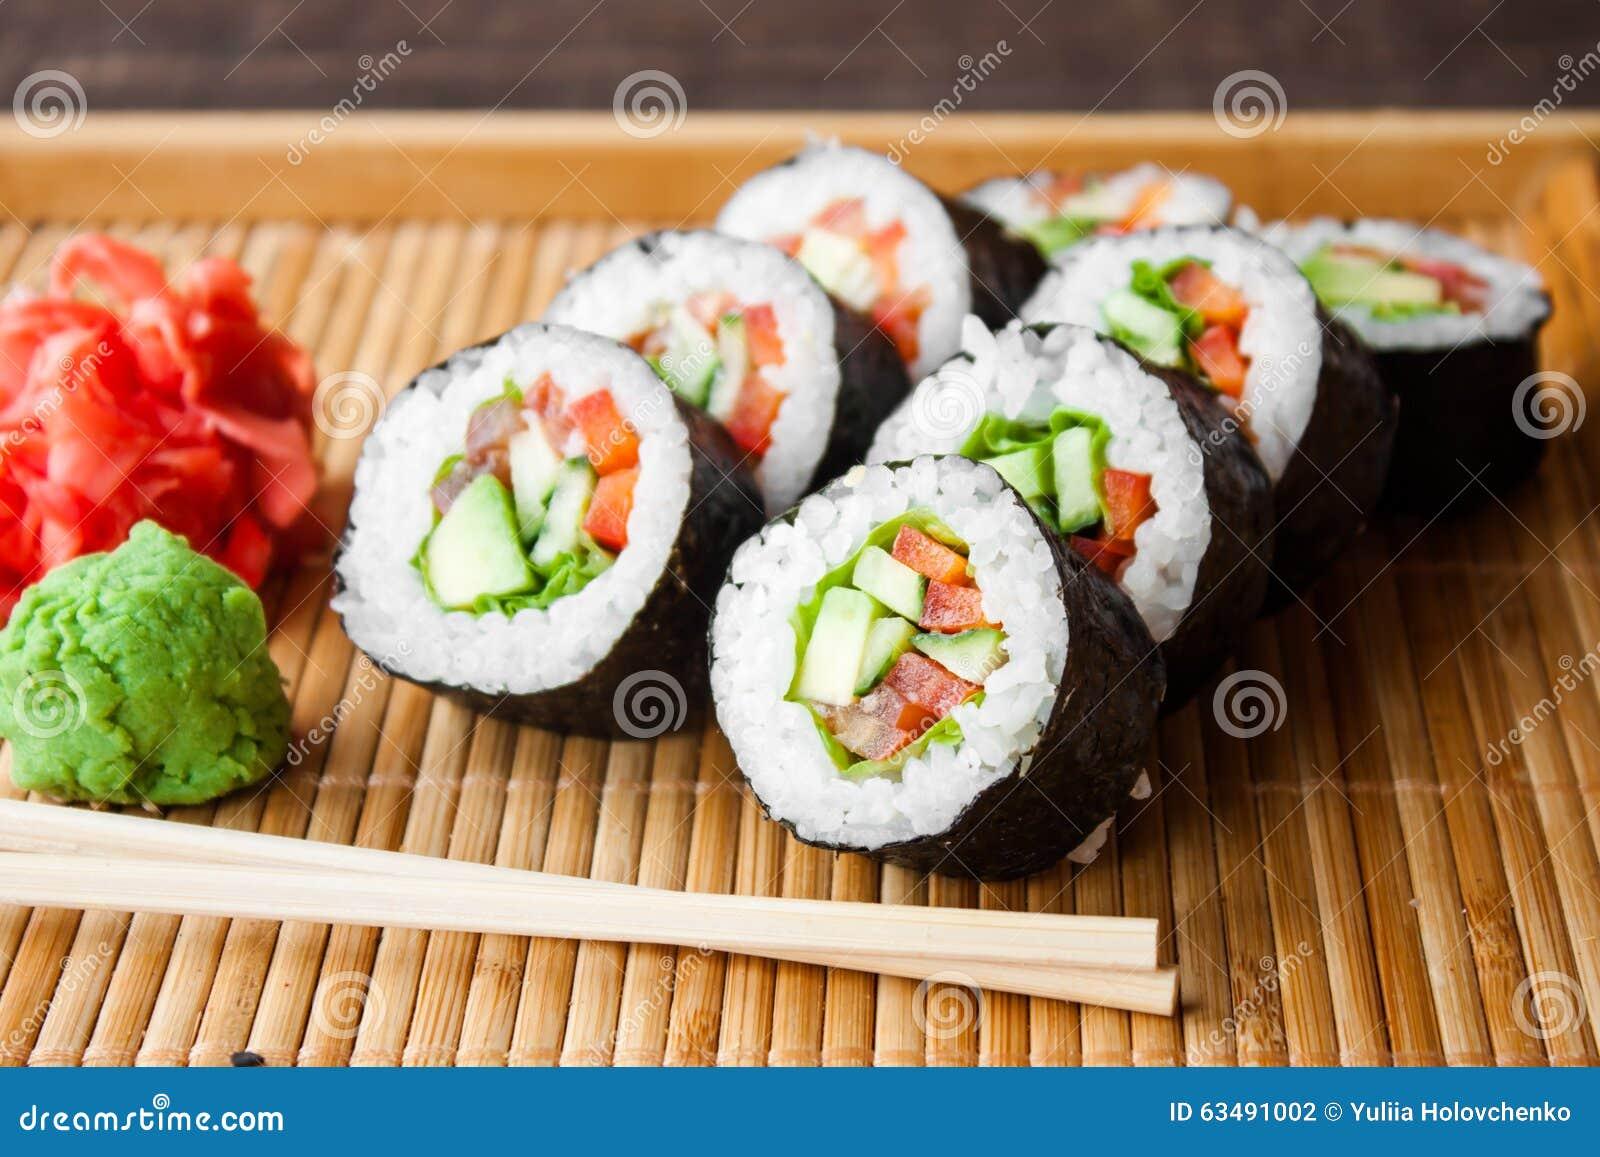 Запеченные суши в домашних условиях фото